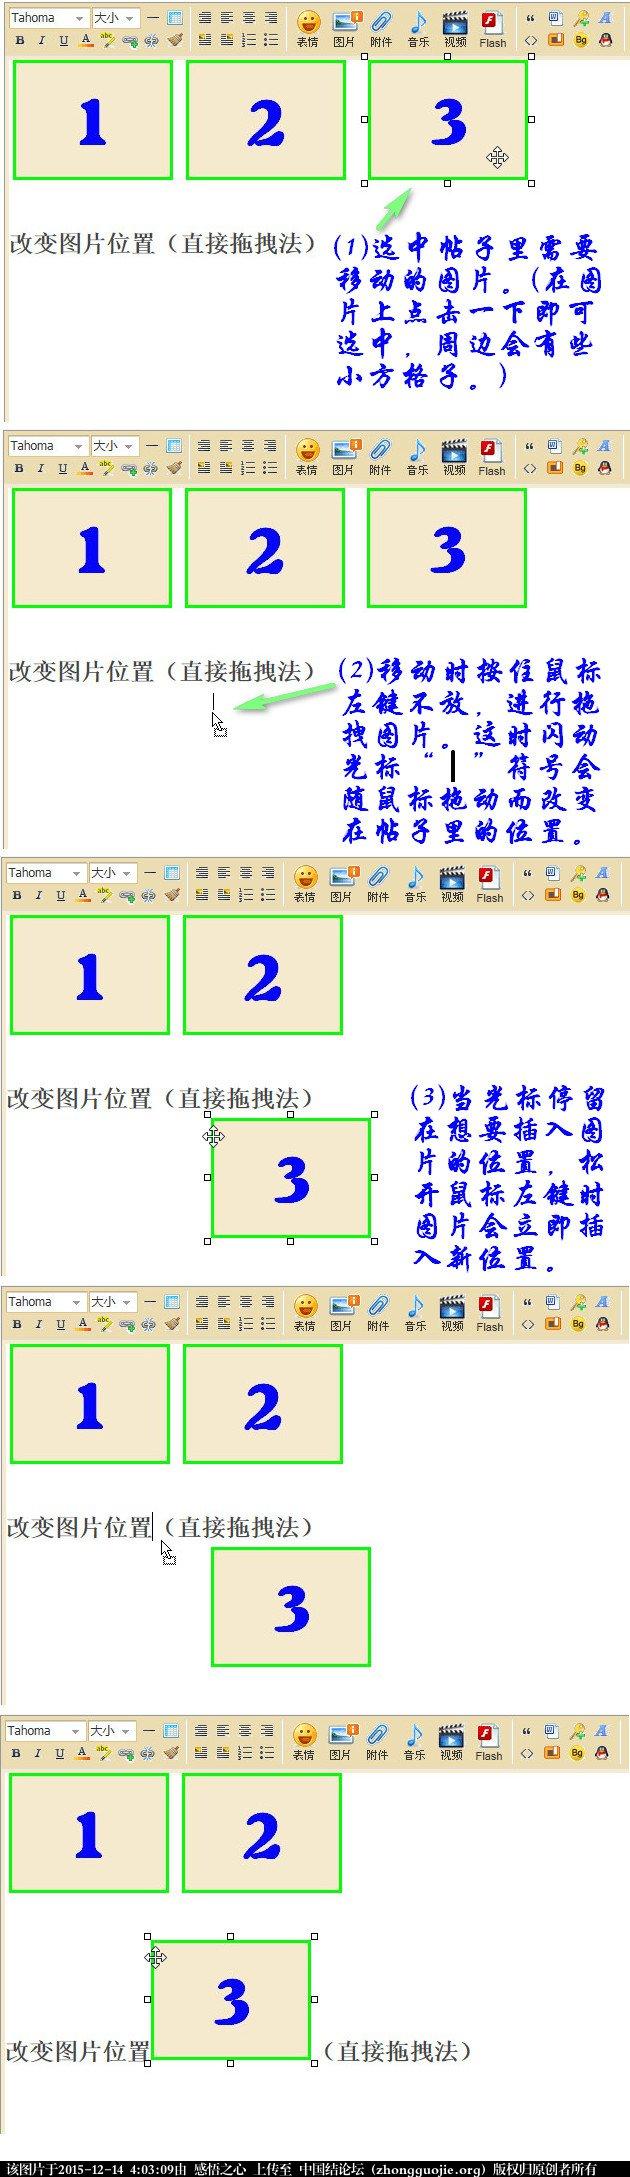 中国结论坛 【操作说明】主题帖子图片编辑操作 图片,主题 论坛使用帮助 033453xzlj0wef0etfatjj